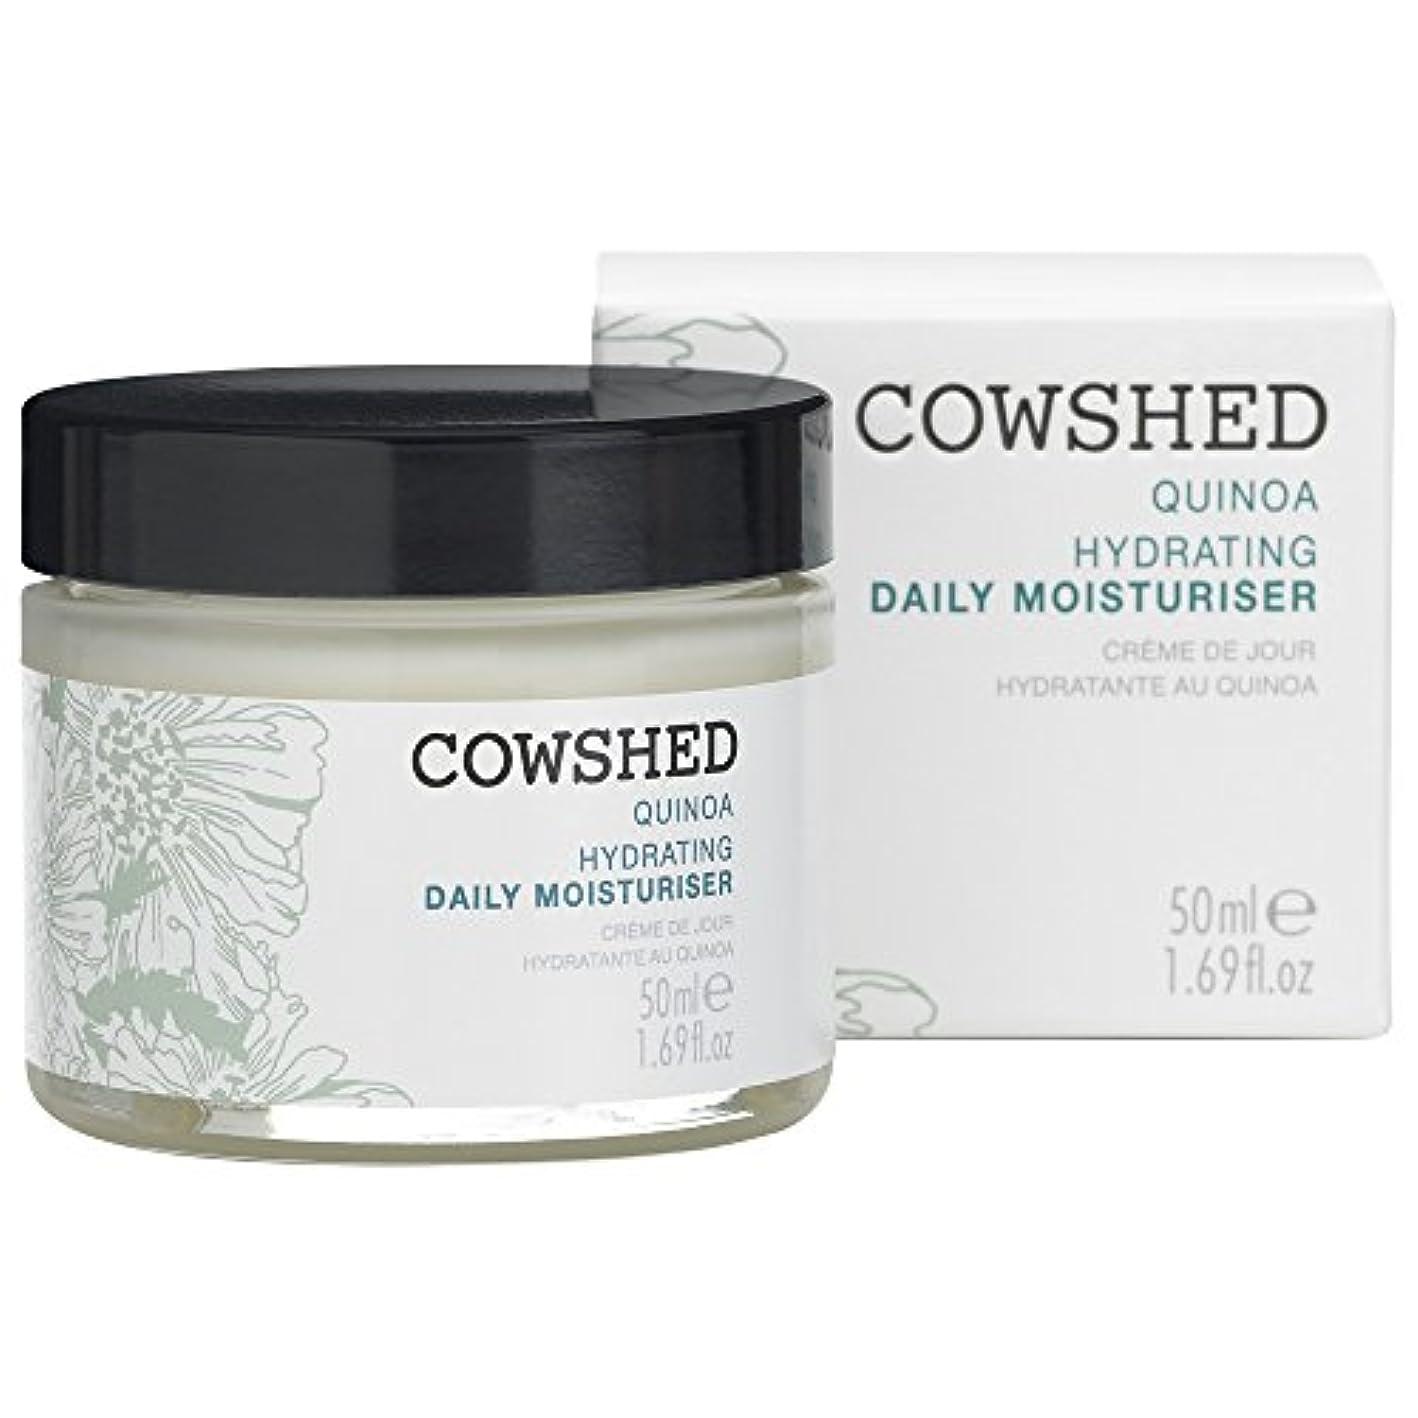 同一の可決結果として牛舎キノア水和毎日の保湿クリーム50Ml (Cowshed) (x6) - Cowshed Quinoa Hydrating Daily Moisturiser 50ml (Pack of 6) [並行輸入品]